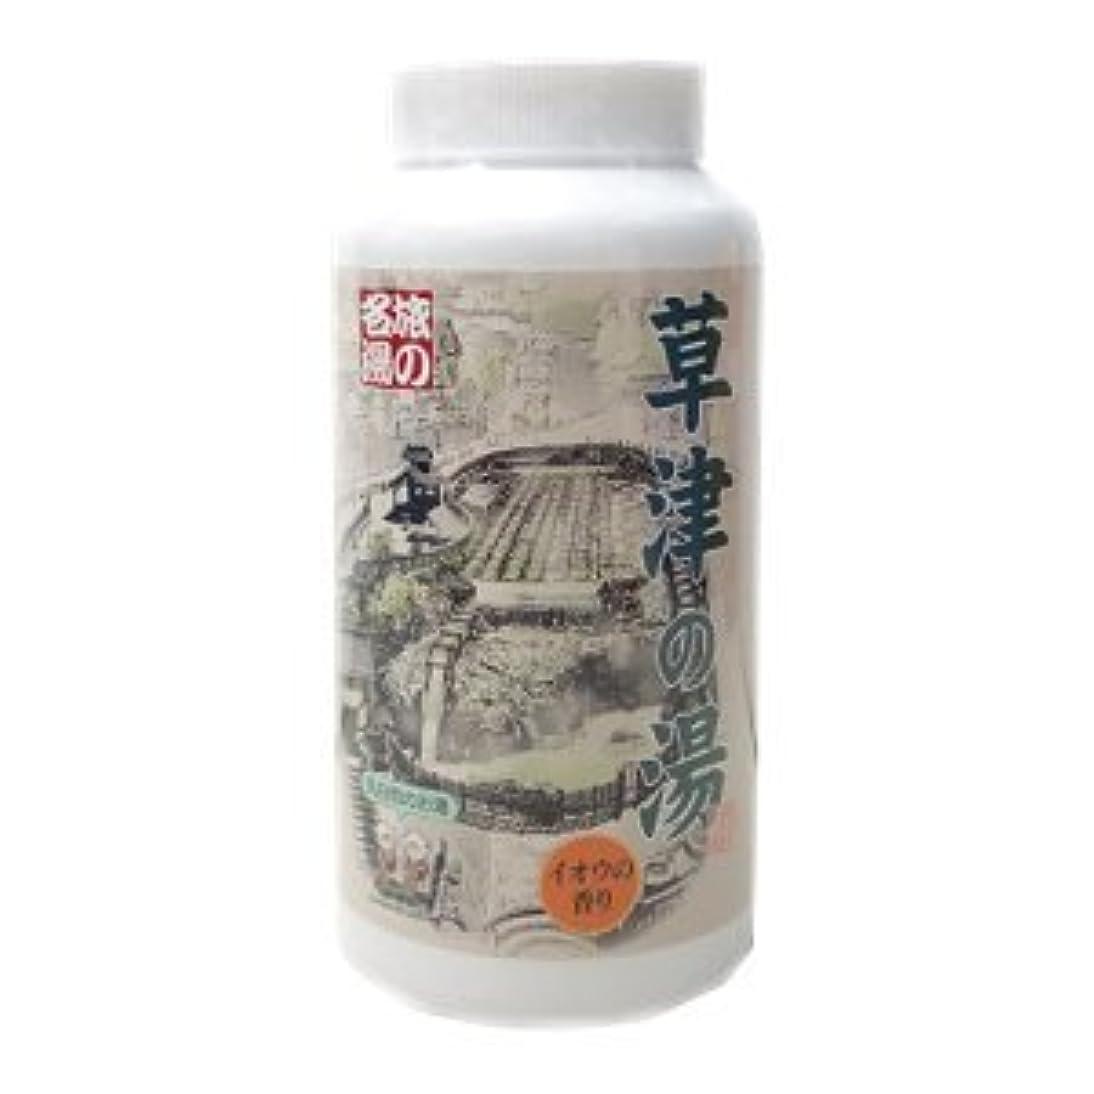 受取人ディレイ間違い草津の湯入浴剤 『イオウの香り』 乳白色のお湯 500g 20回分